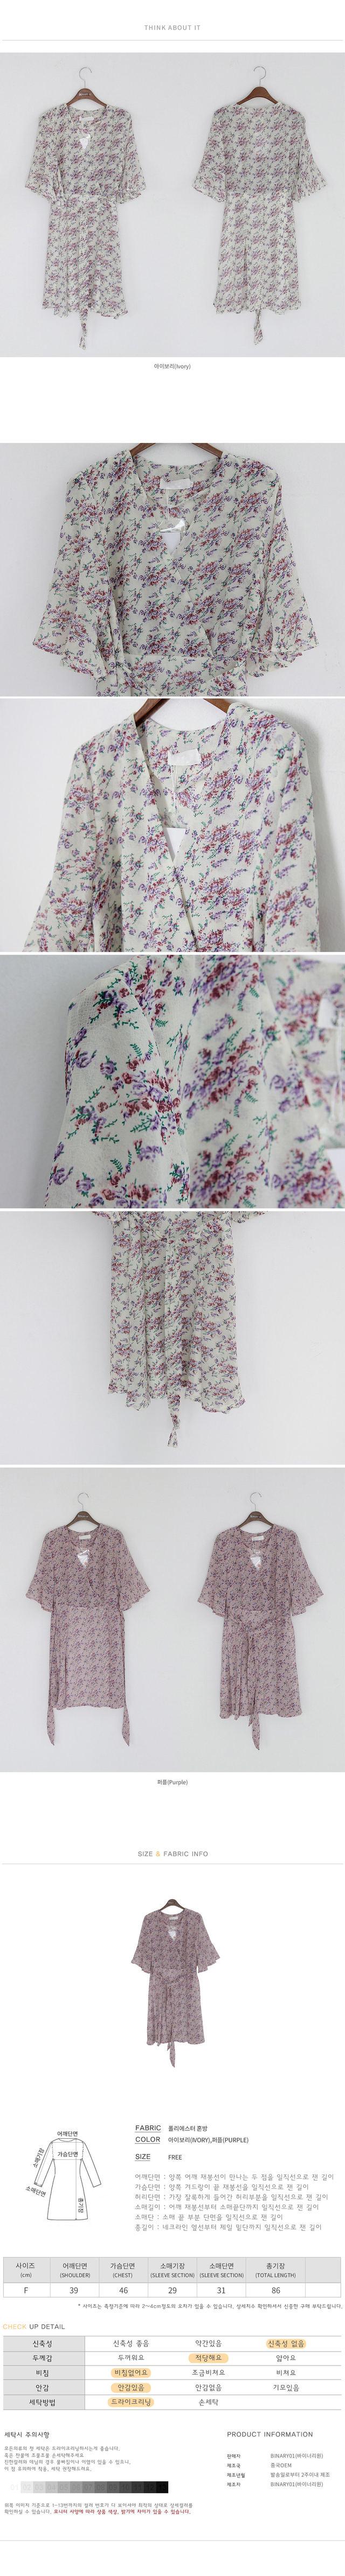 Flower Ponin Wrap Dress 2COLOR Eye Lavender Black Bracket Cuff A line visitor